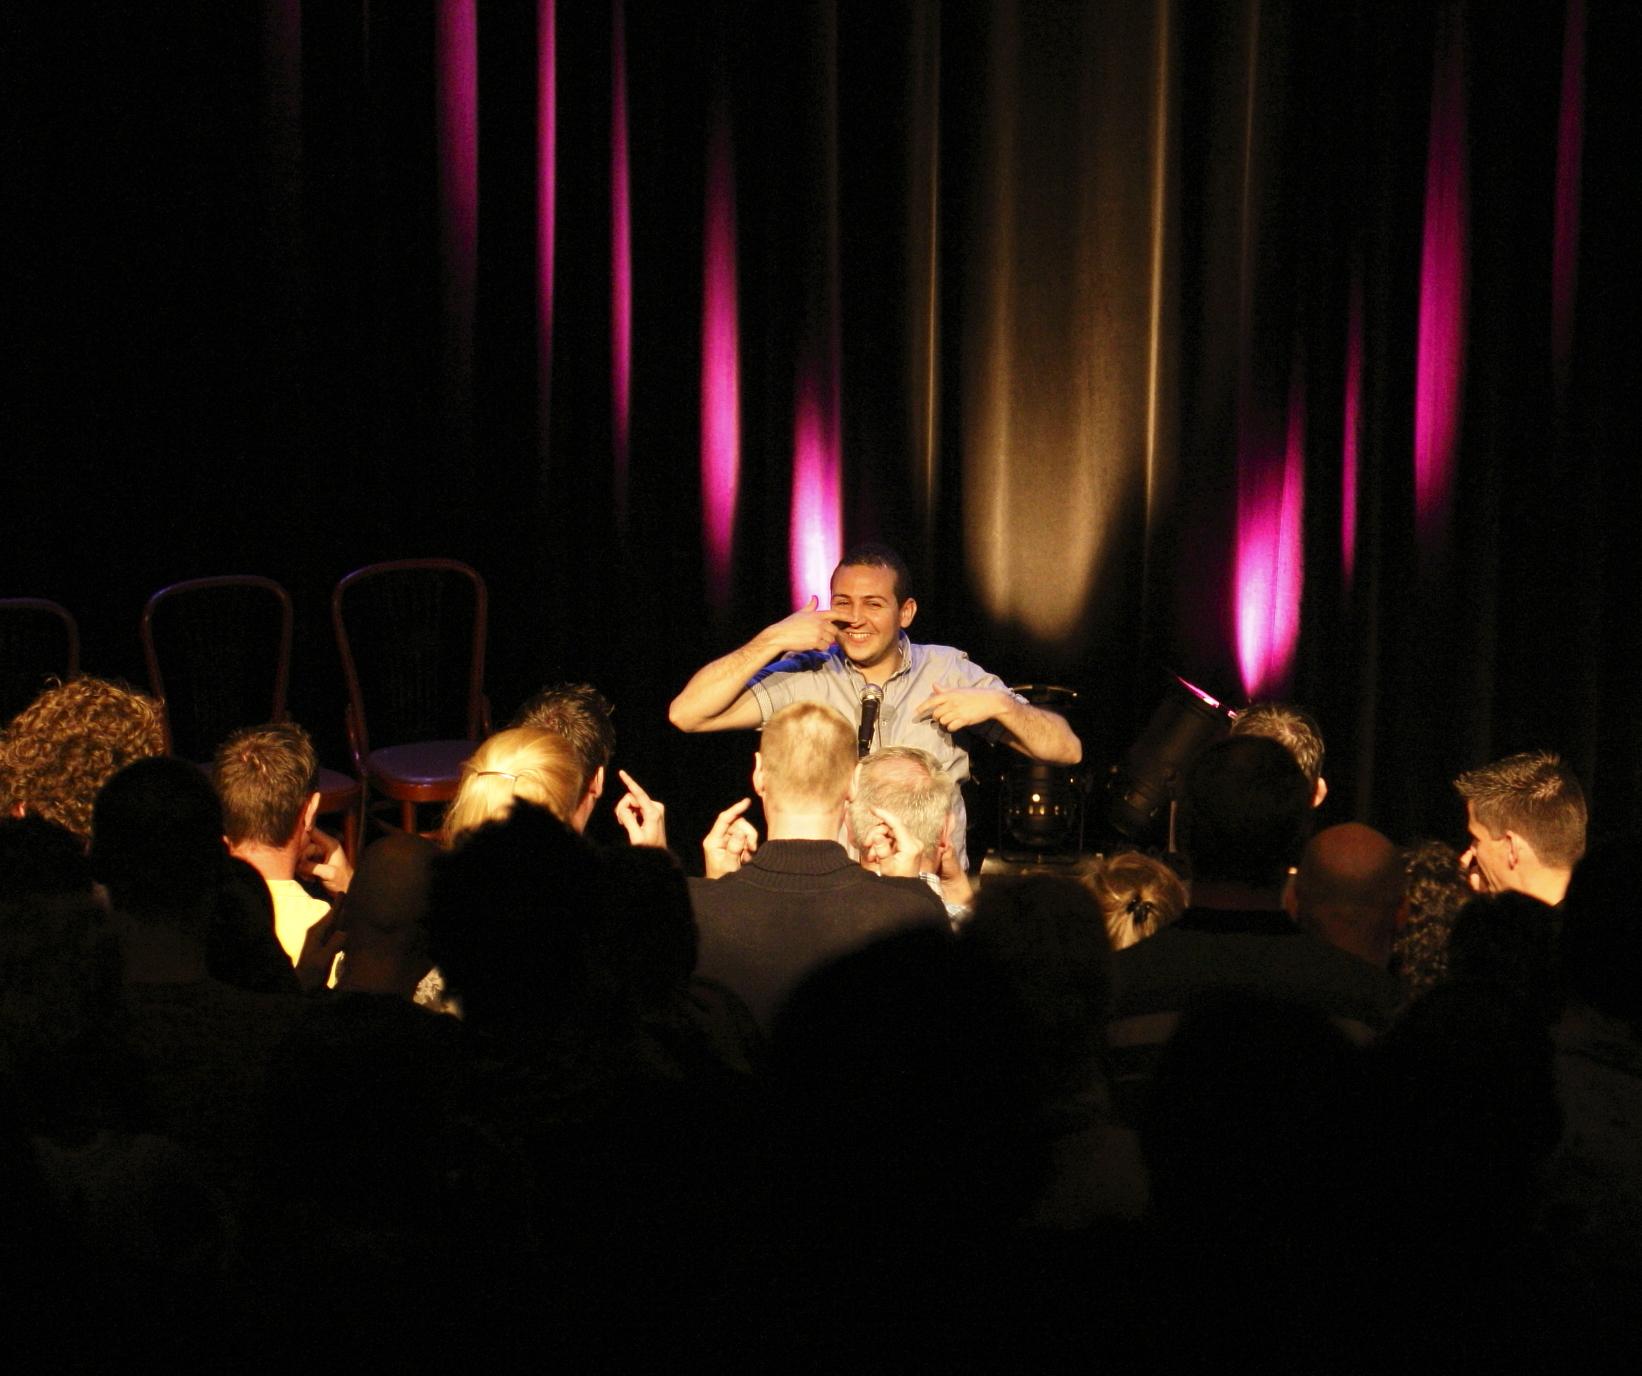 Ticket kopen voor evenement Zeist Lacht: Try-Out, Comedy Night